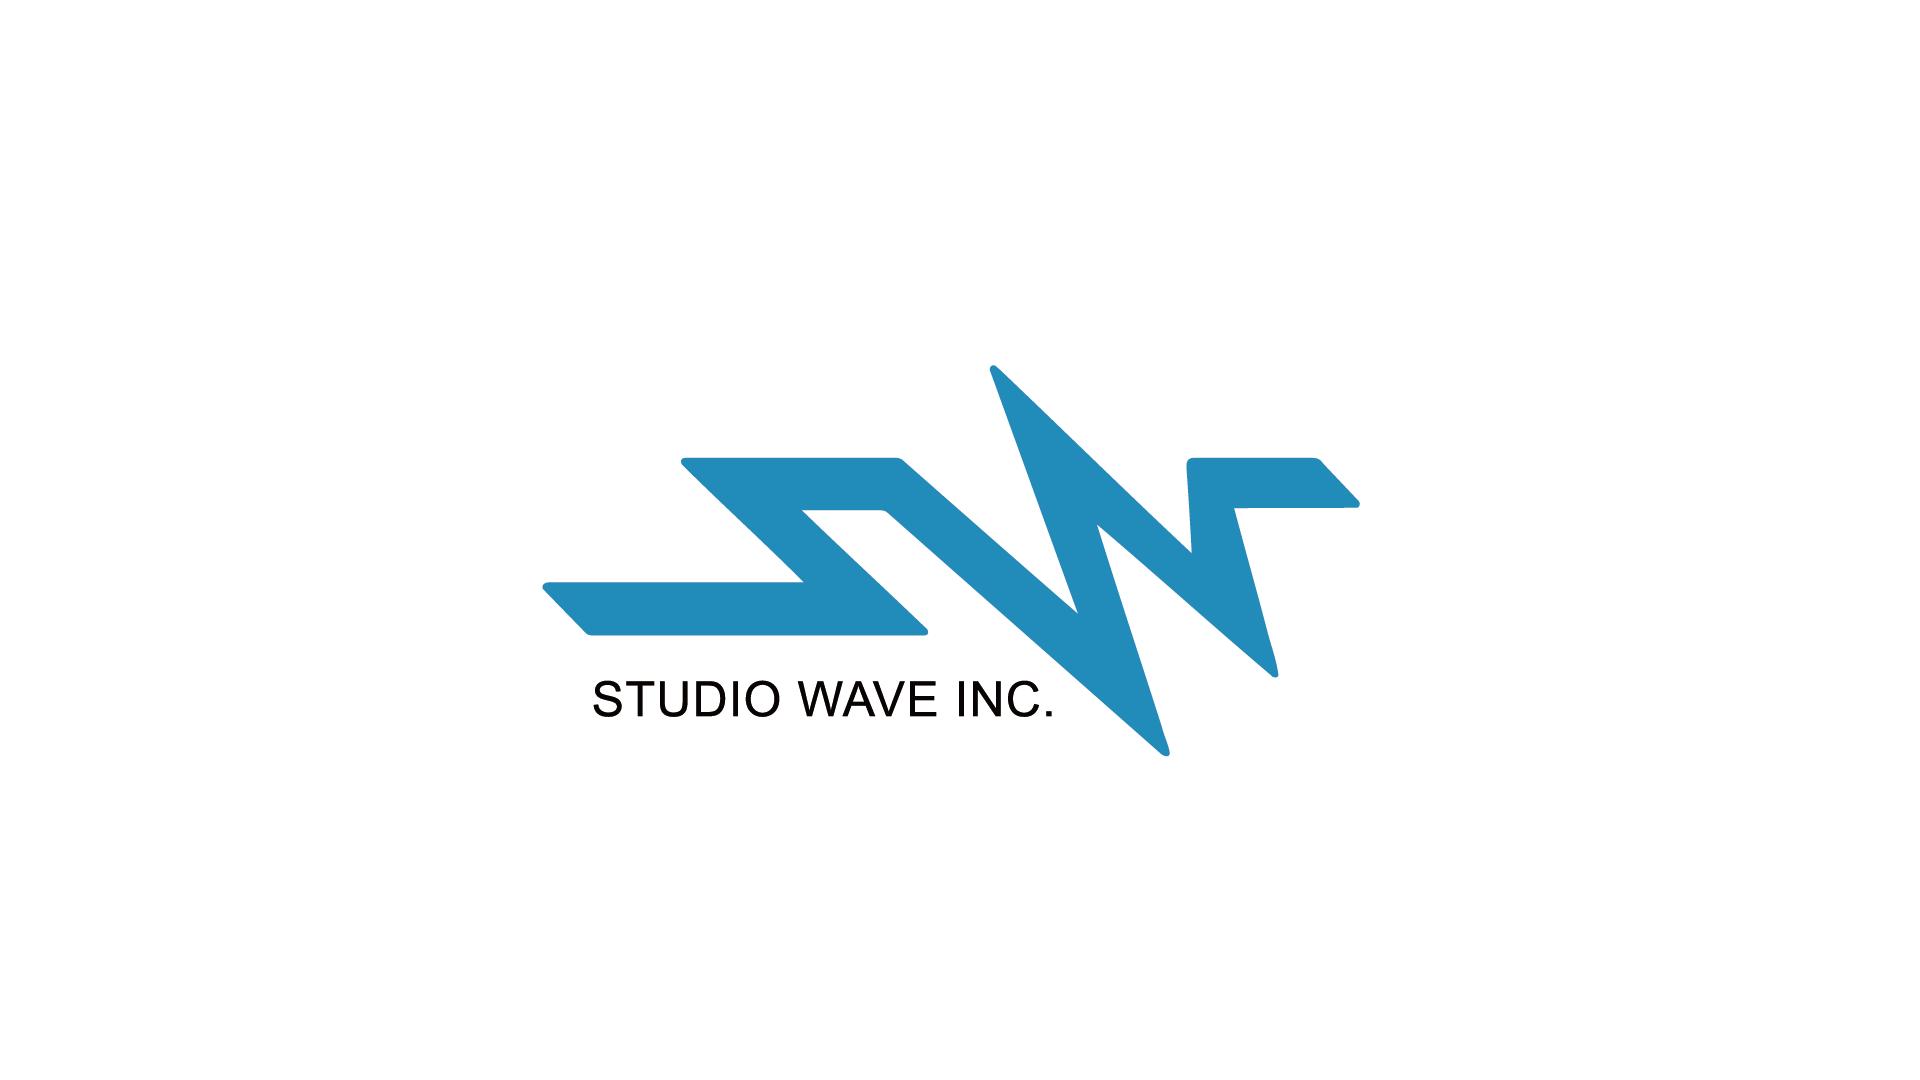 studiowaveinc_logo